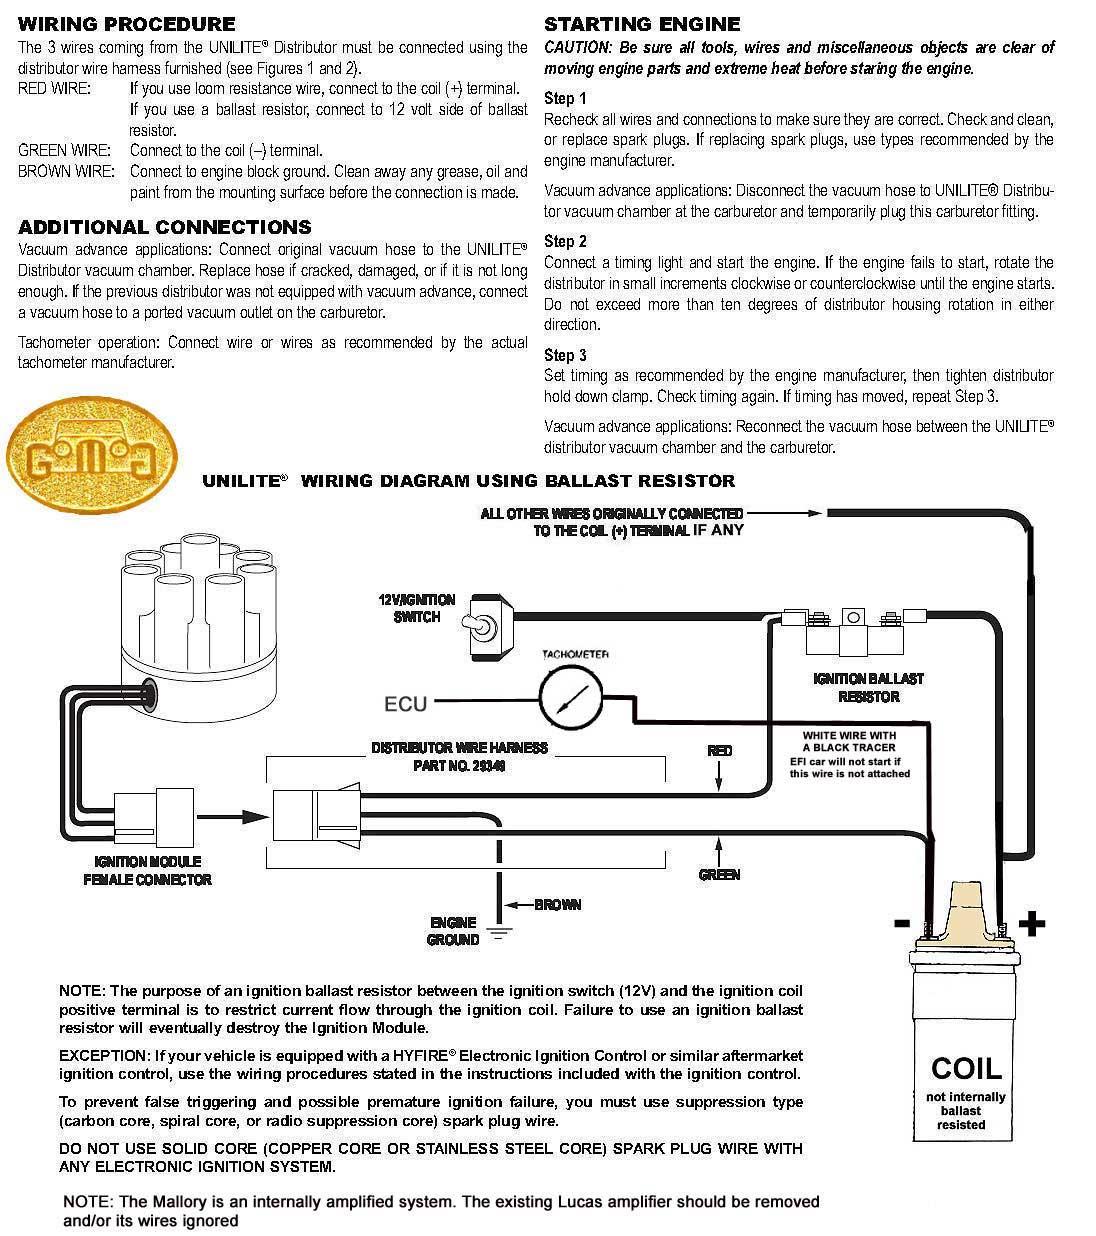 ignition ballast resistor wiring diagram 4 13 stromoeko de \u2022ford coil wiring diagram ford ballast resistor wiring ford image rh 3zoniani bresilient co mopar ballast